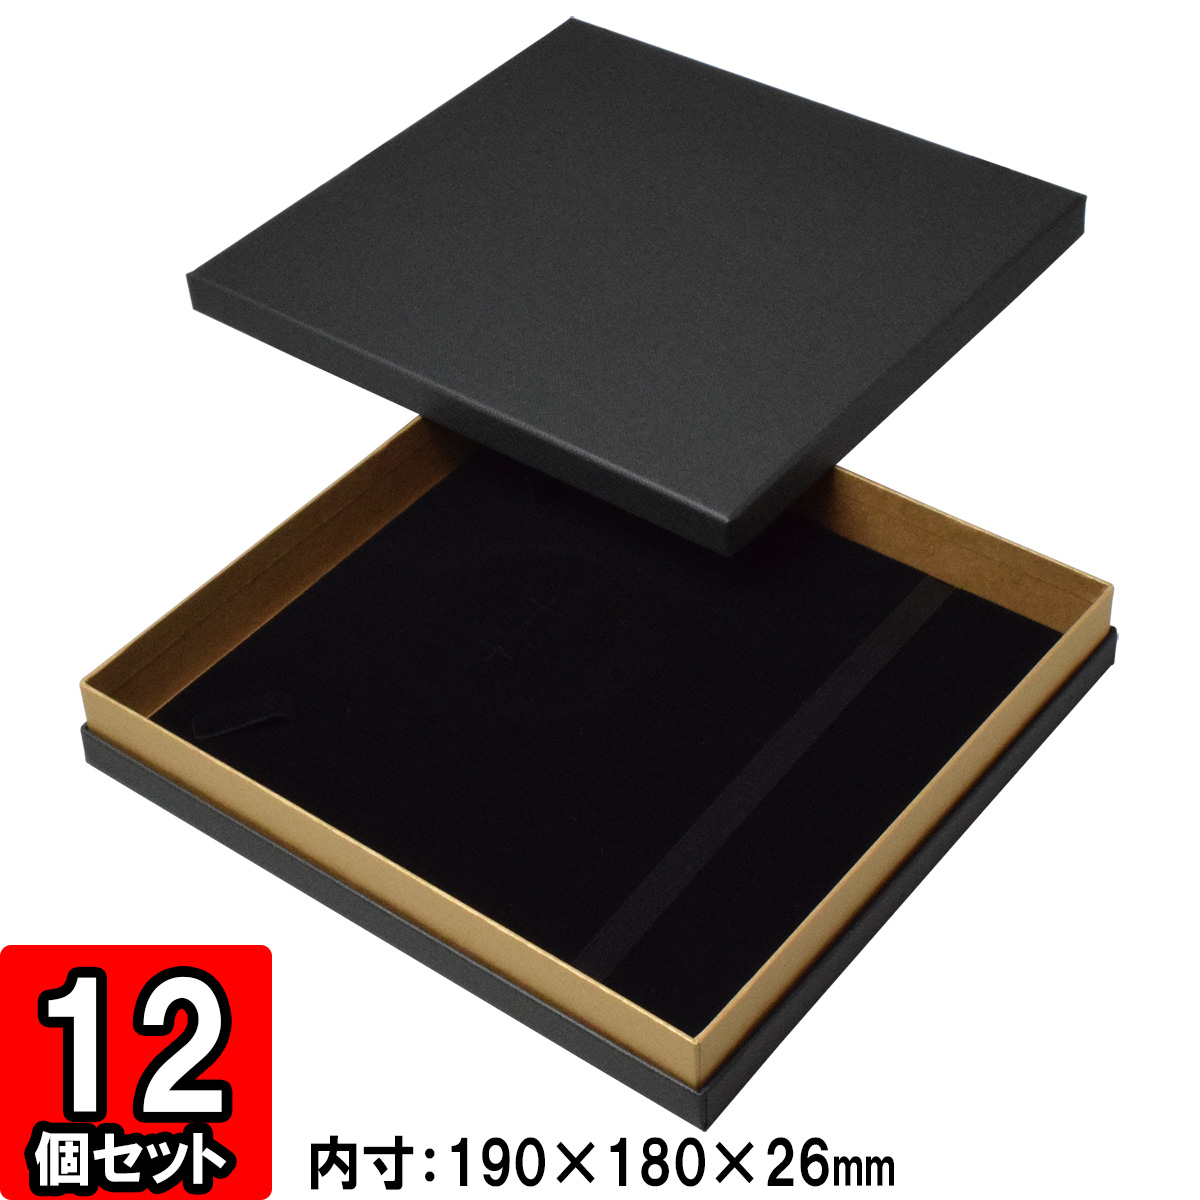 【※メーカー直送品につき代引不可】COMBI BOX【7151N】【黒】 12個セット ギフトボックス アクセサリーボックス ギフト プレゼント 箱 ネックレス gift box accessory box